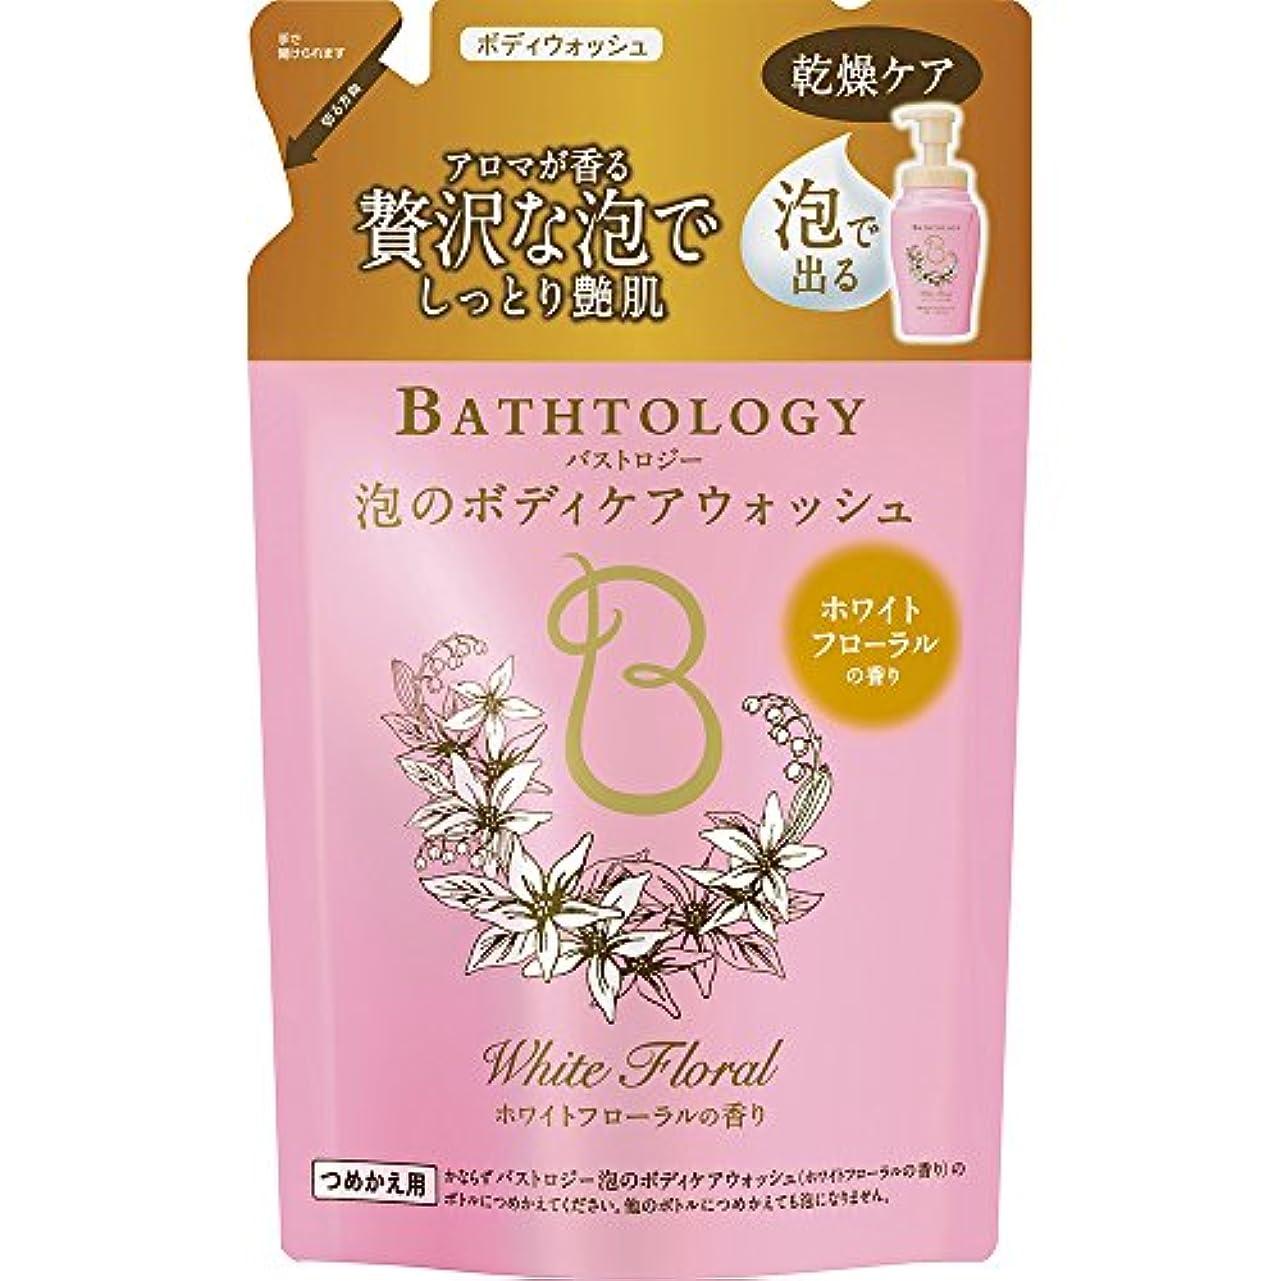 両方荷物保証するBATHTOLOGY 泡のボディケアウォッシュ ホワイトフローラルの香り 詰め替え 350ml